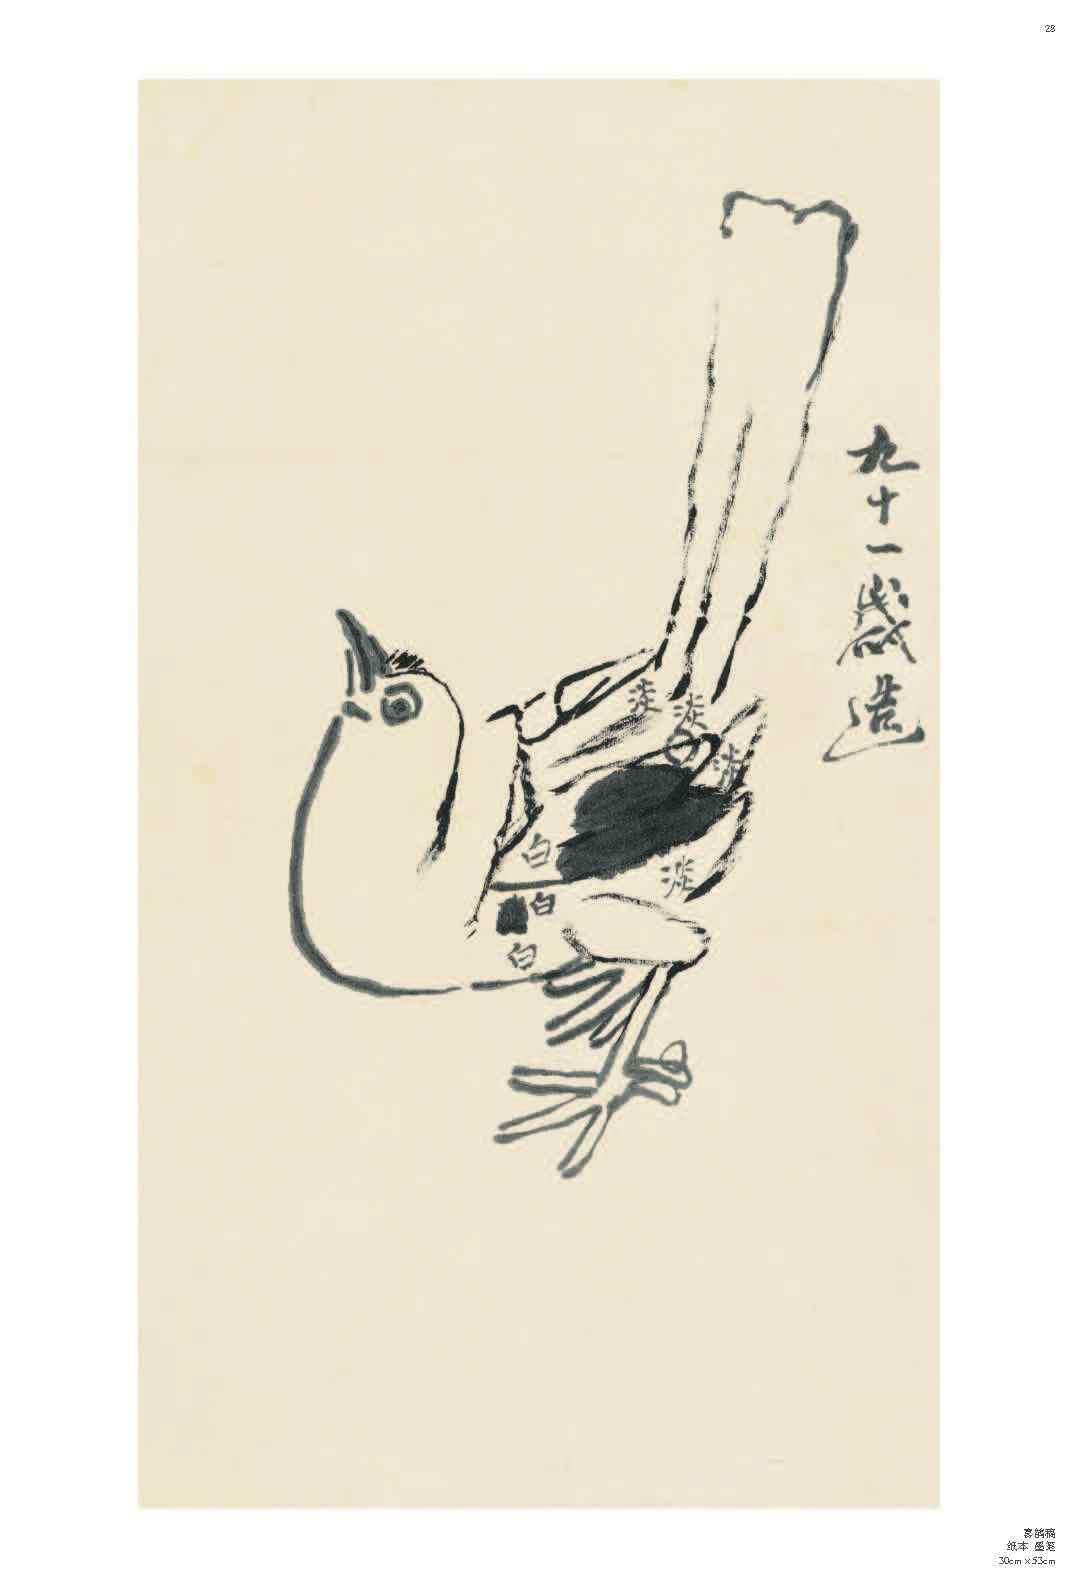 经典绘画临摹范本 齐白石 画稿篇 二